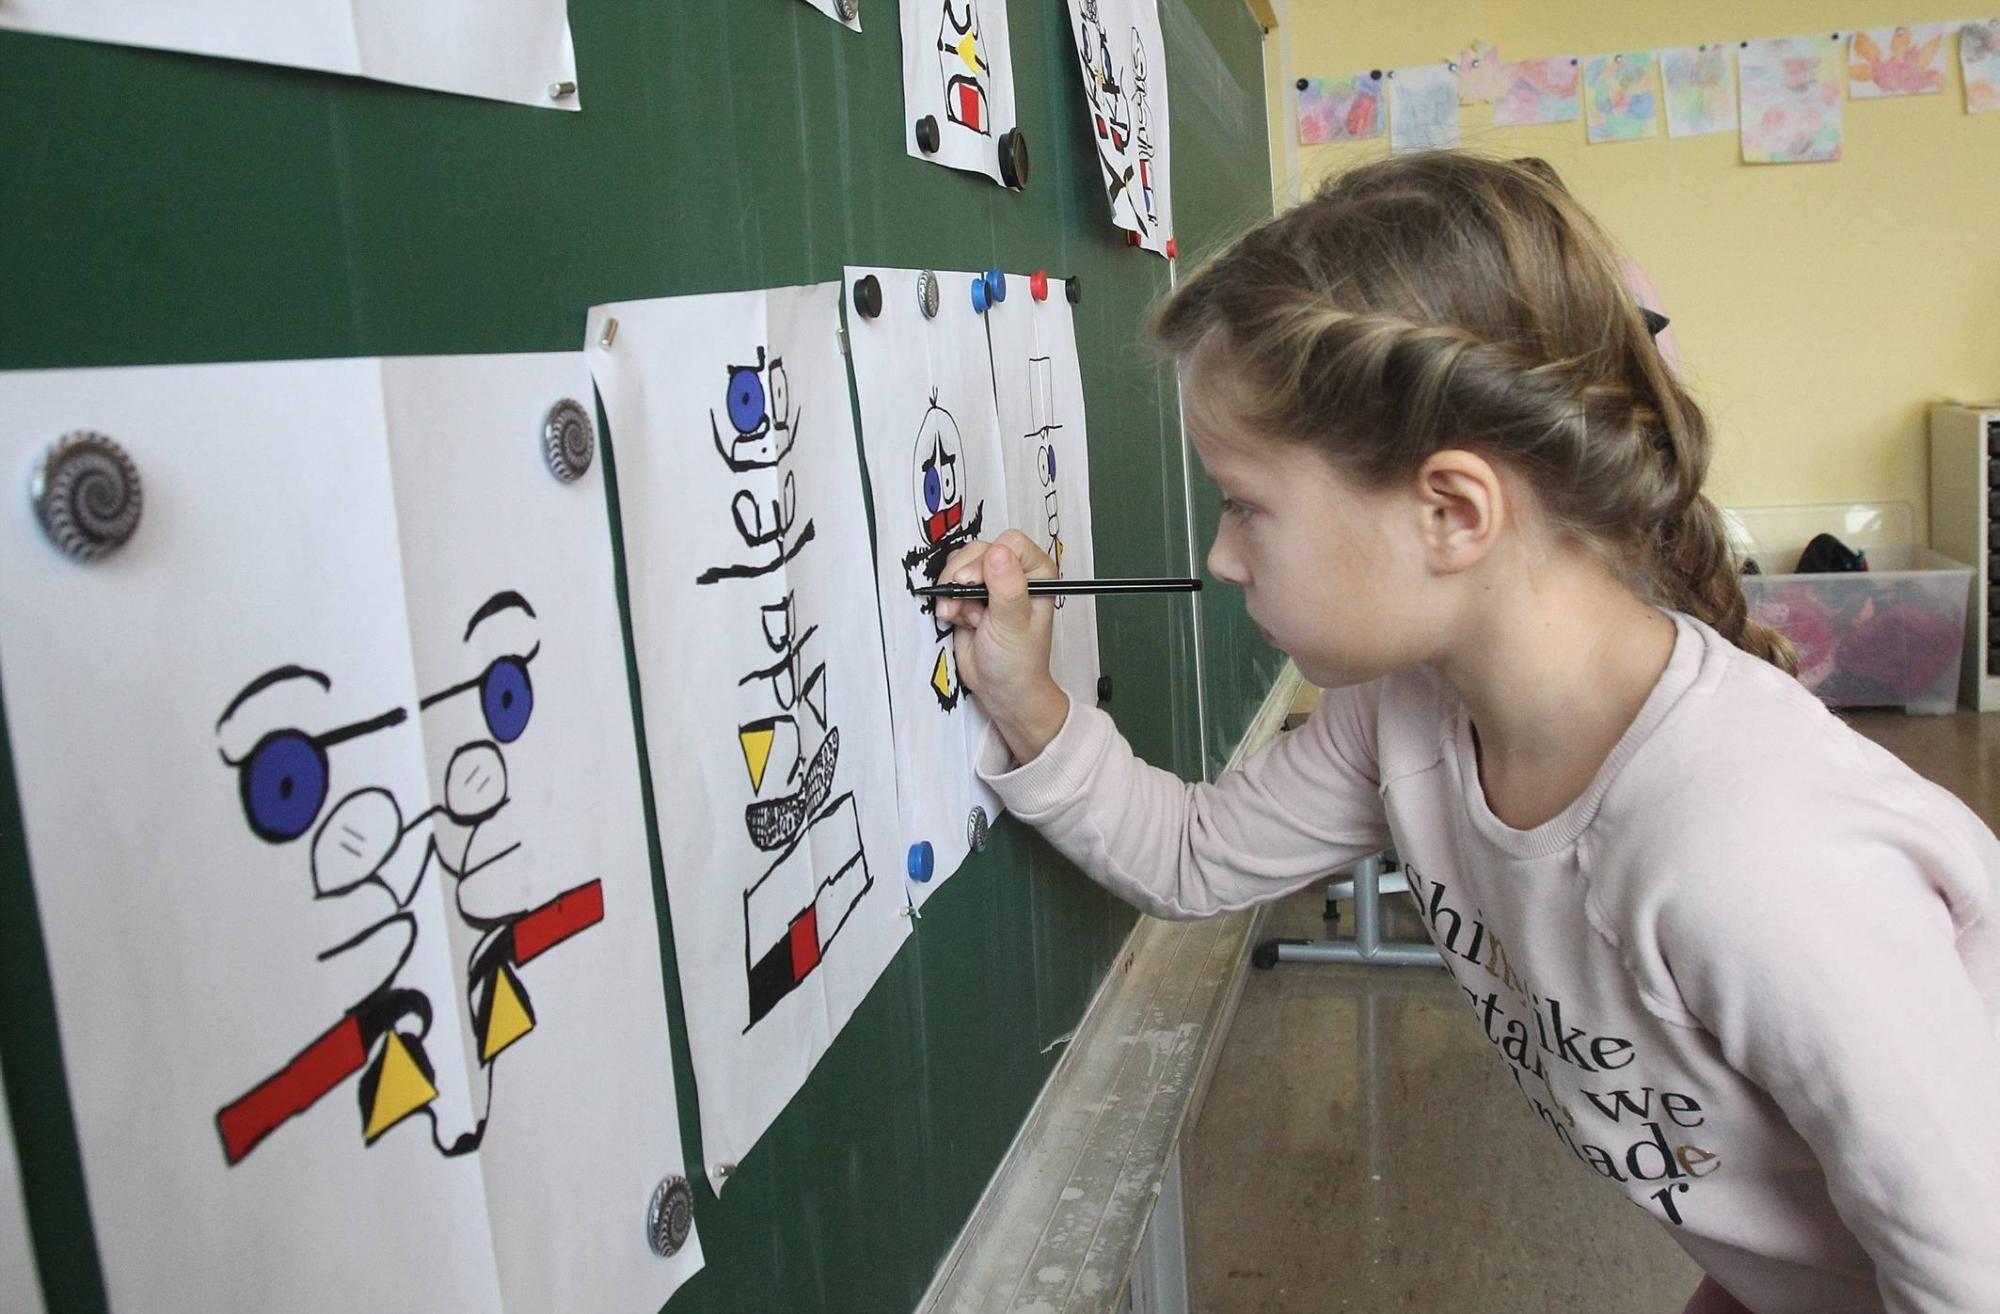 Kostheim Projekttag An Der Carlo Mierendorff Schule Zum Thema Design